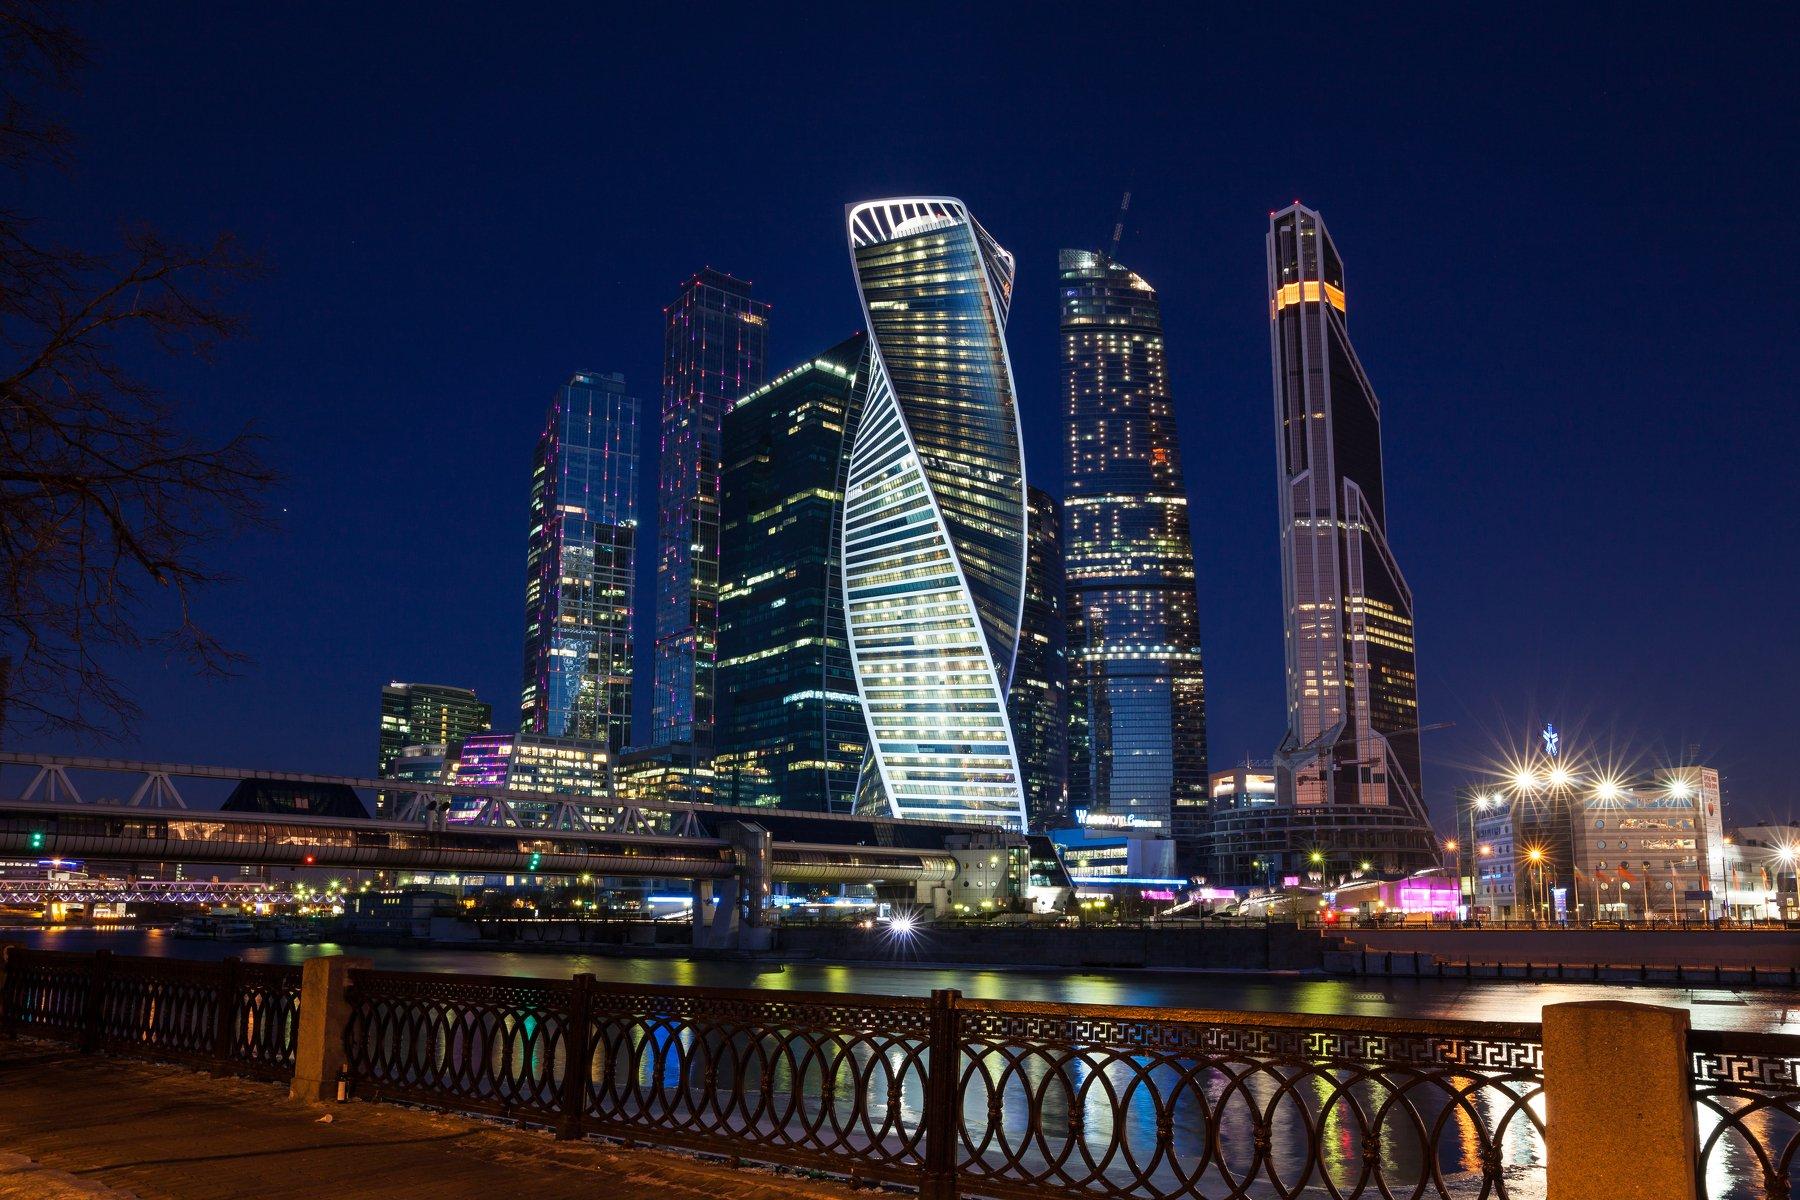 Москва, архитектура, город, пейзаж, городской, река, Россия, набережная, небоскребы, Сити, современный, финансы, экономика, утро, небо, синее, сумерки, огни, подсветка, Иван Губанов